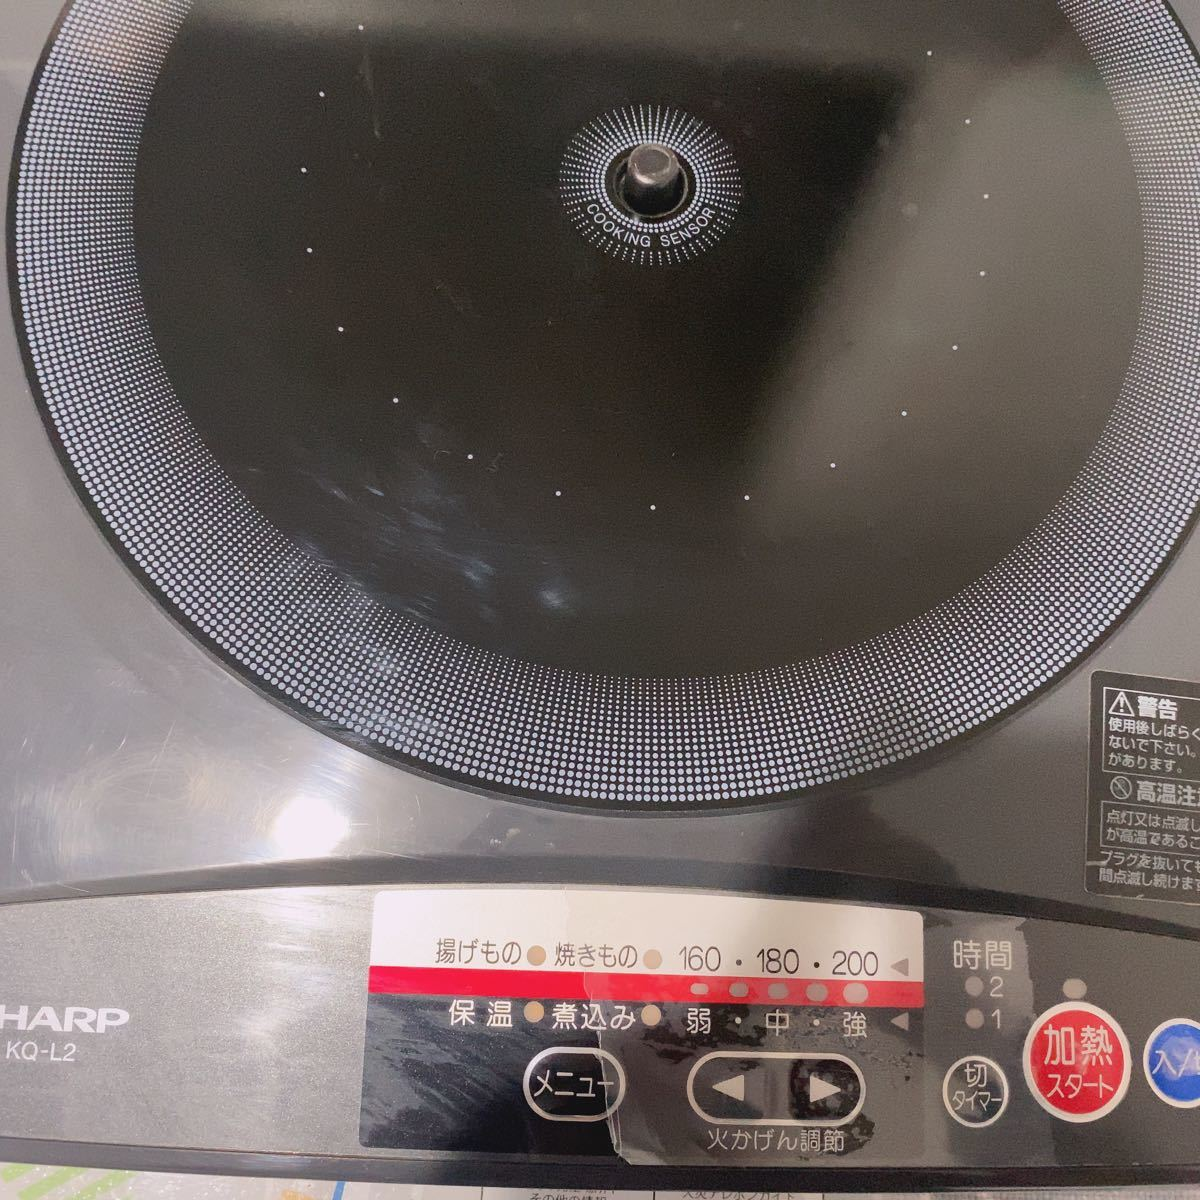 乙姫春様専用!シャープハロゲン調理器KQーL2